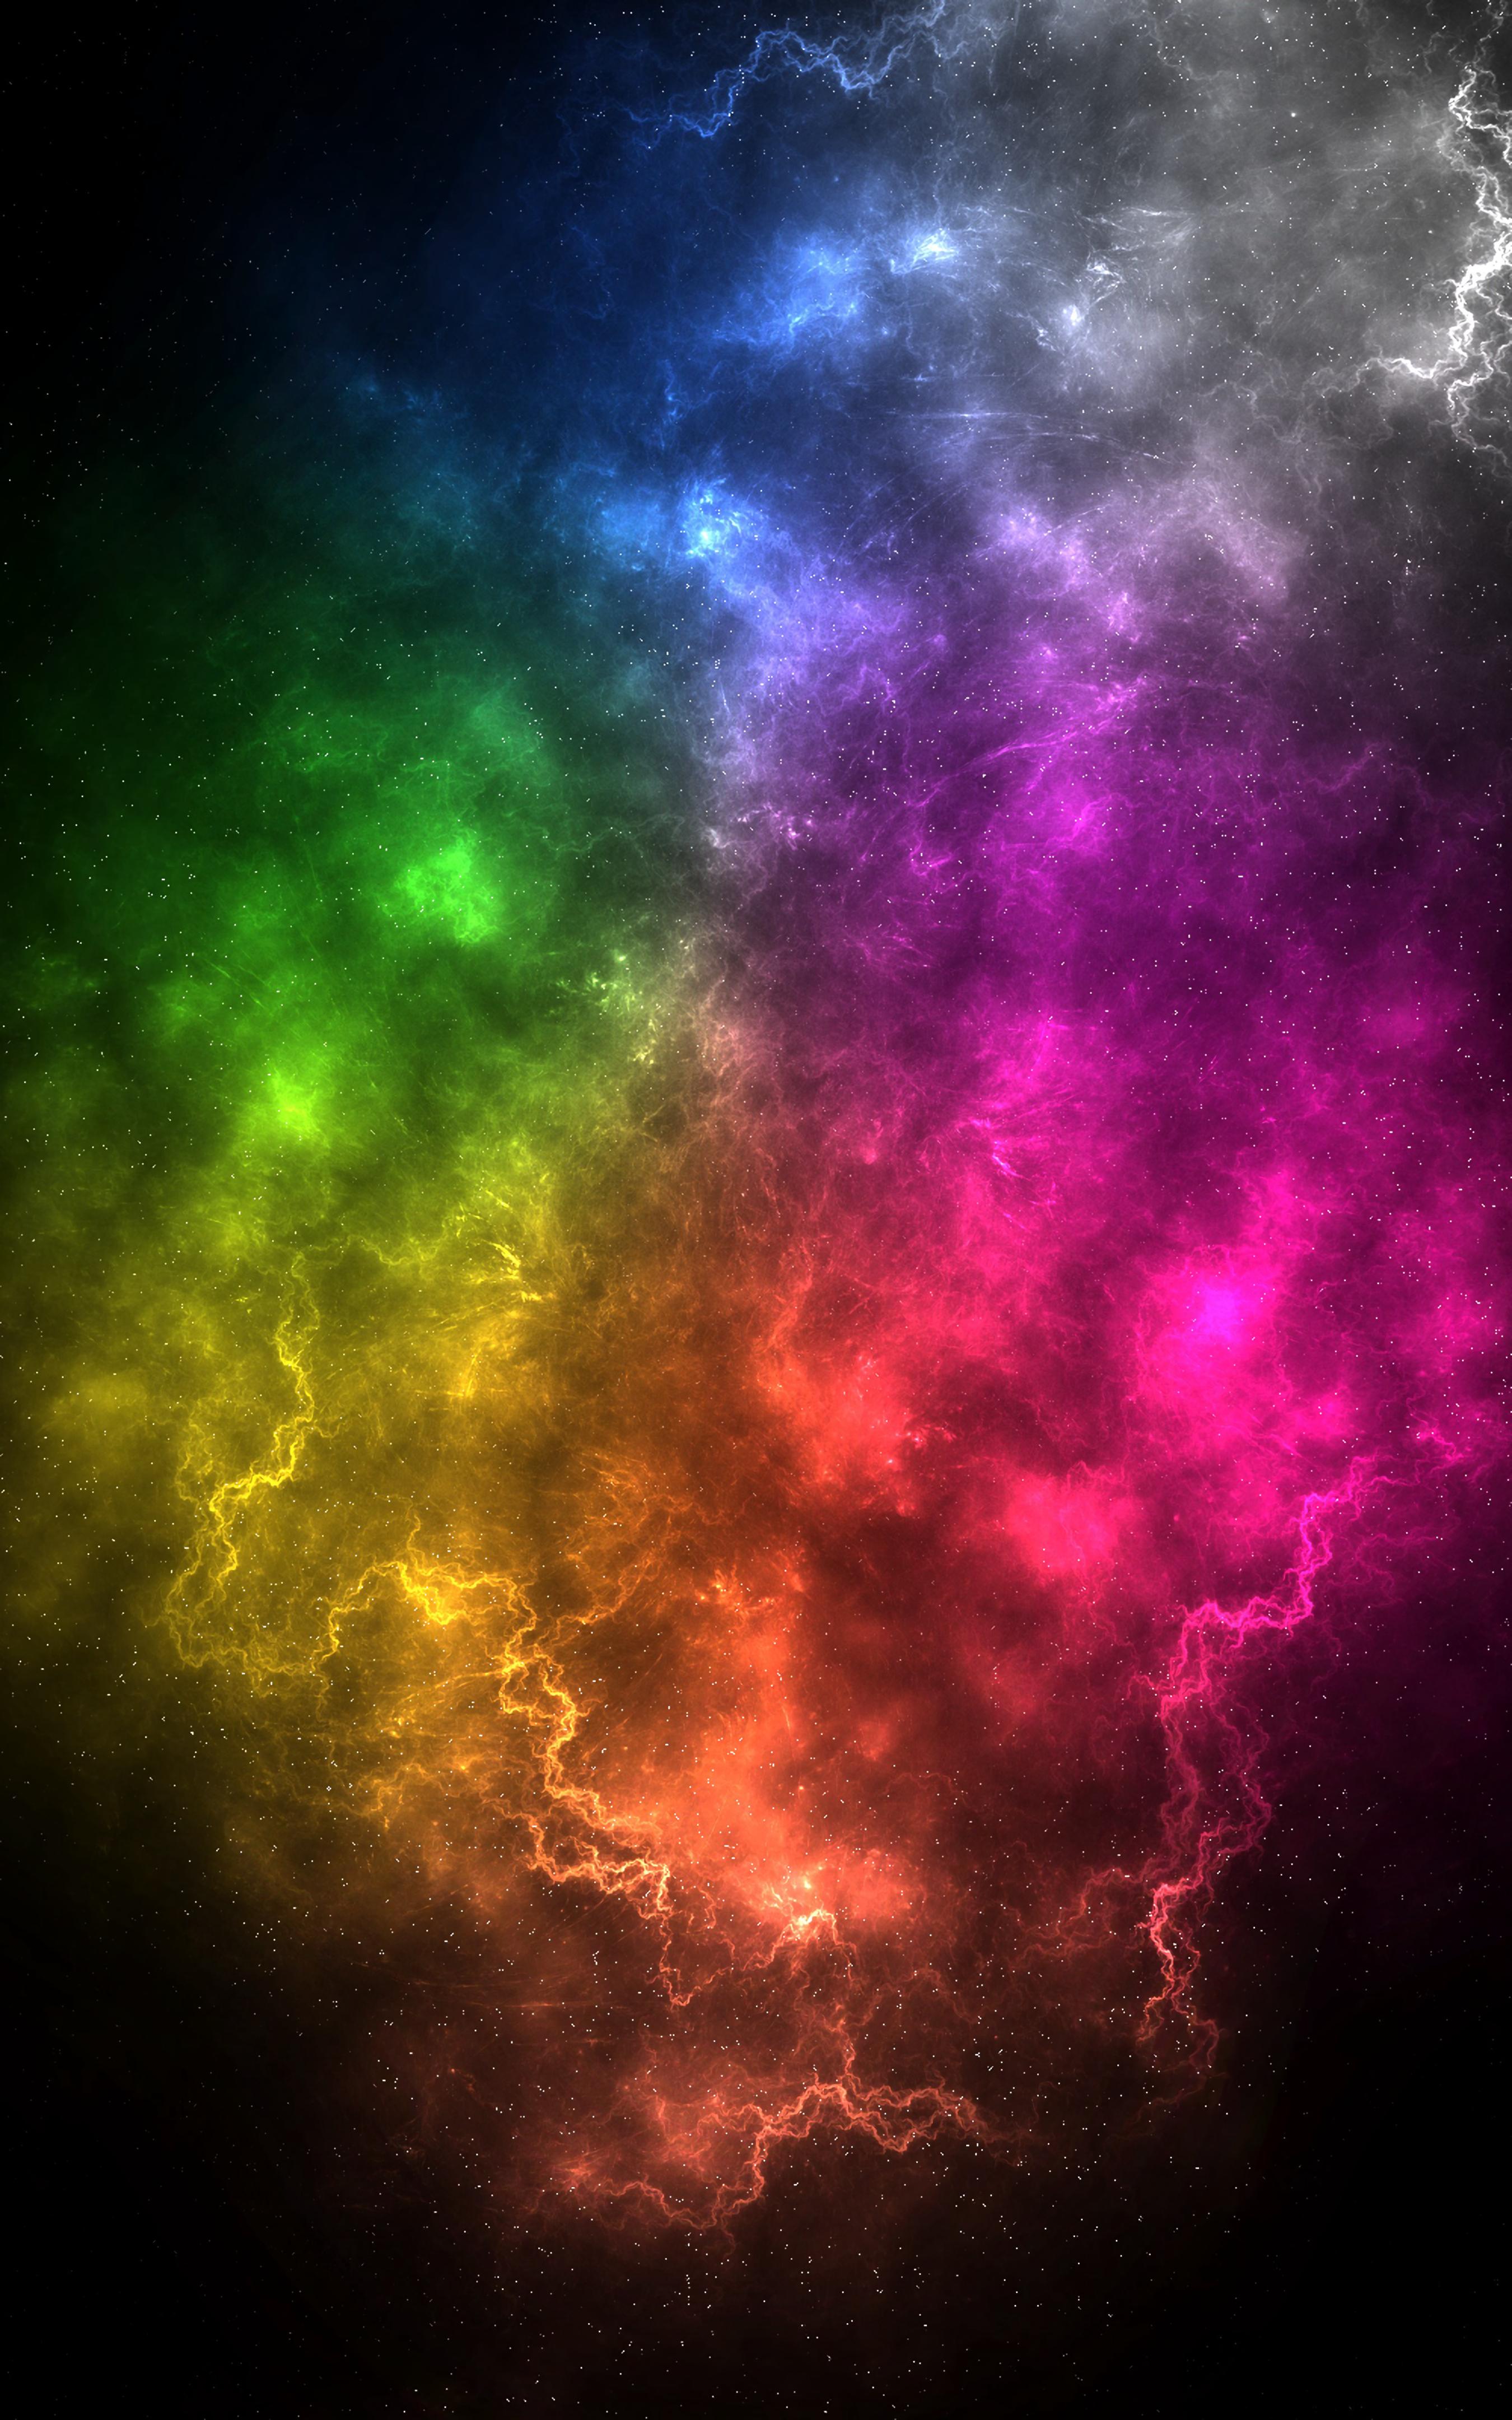 72662 скачать обои Абстракция, Молнии, Разноцветный, Туманность, Космический, Энергия, Вспышки - заставки и картинки бесплатно